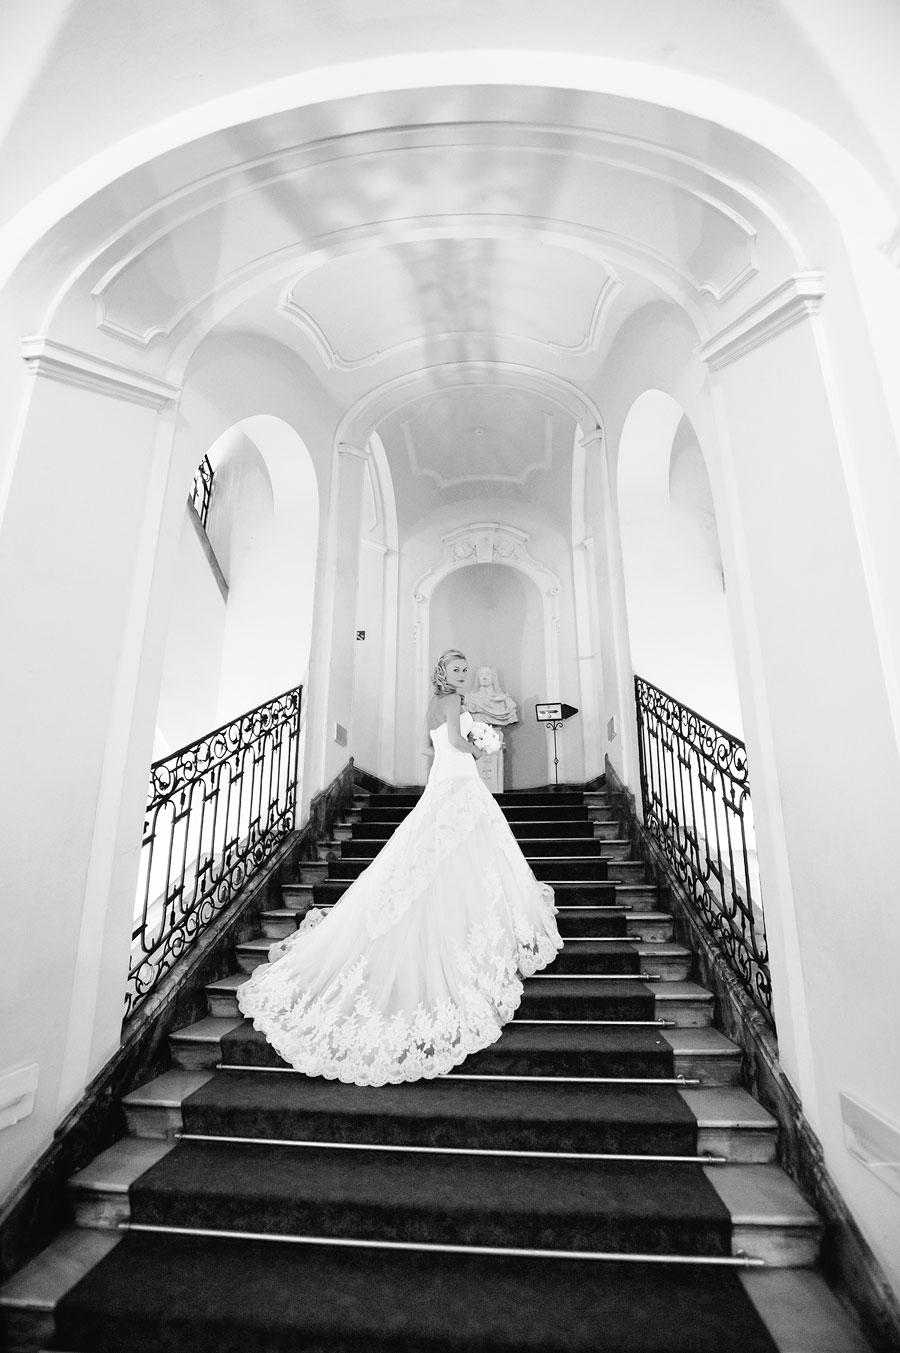 panna młoda na schodach zamkowych